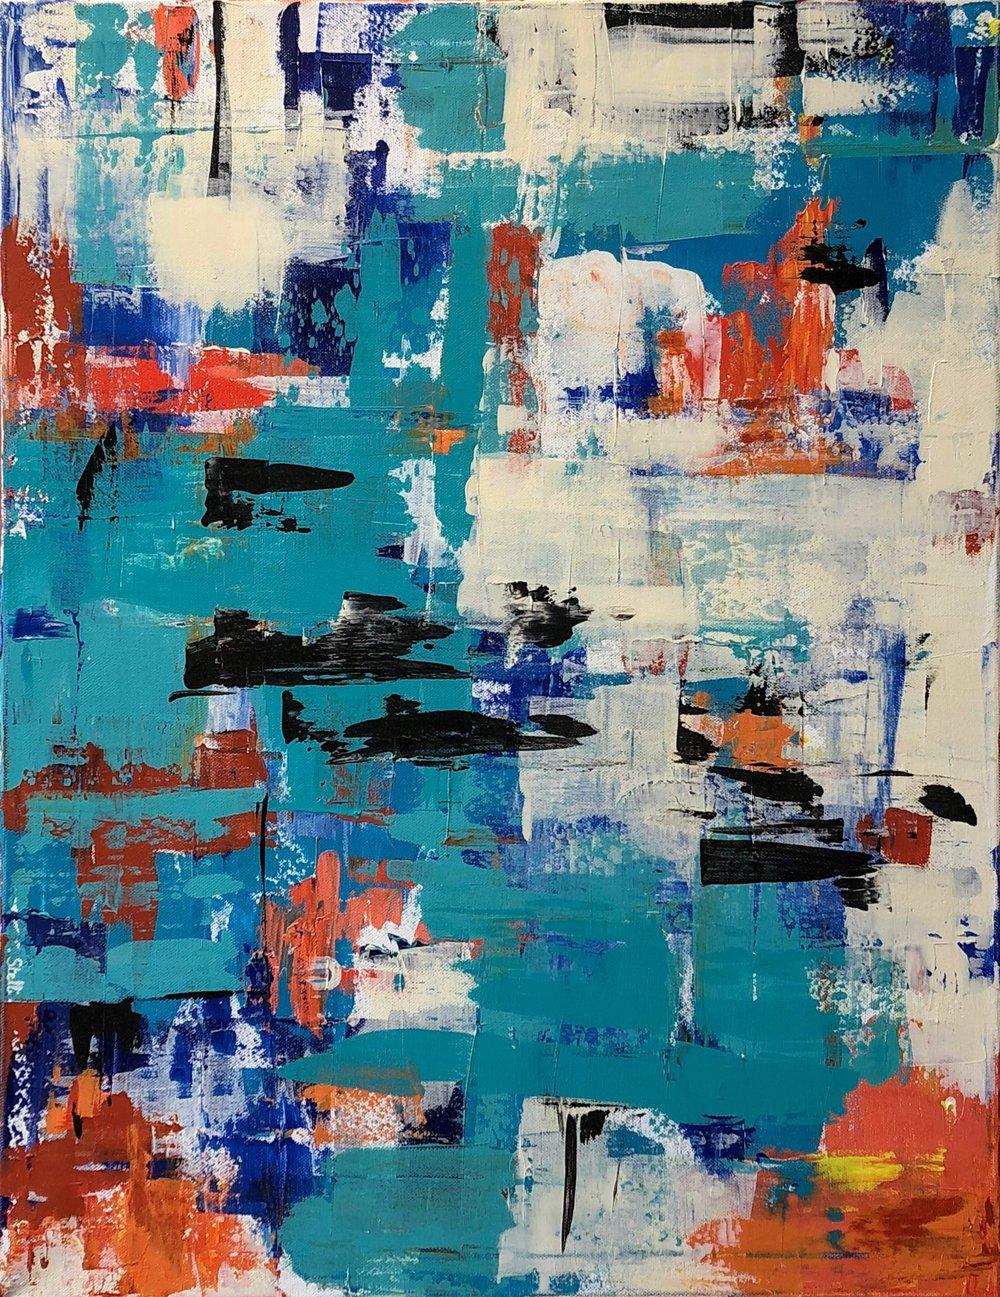 Effervescence aquatique   Peinture acrylique au couteau, sur toile